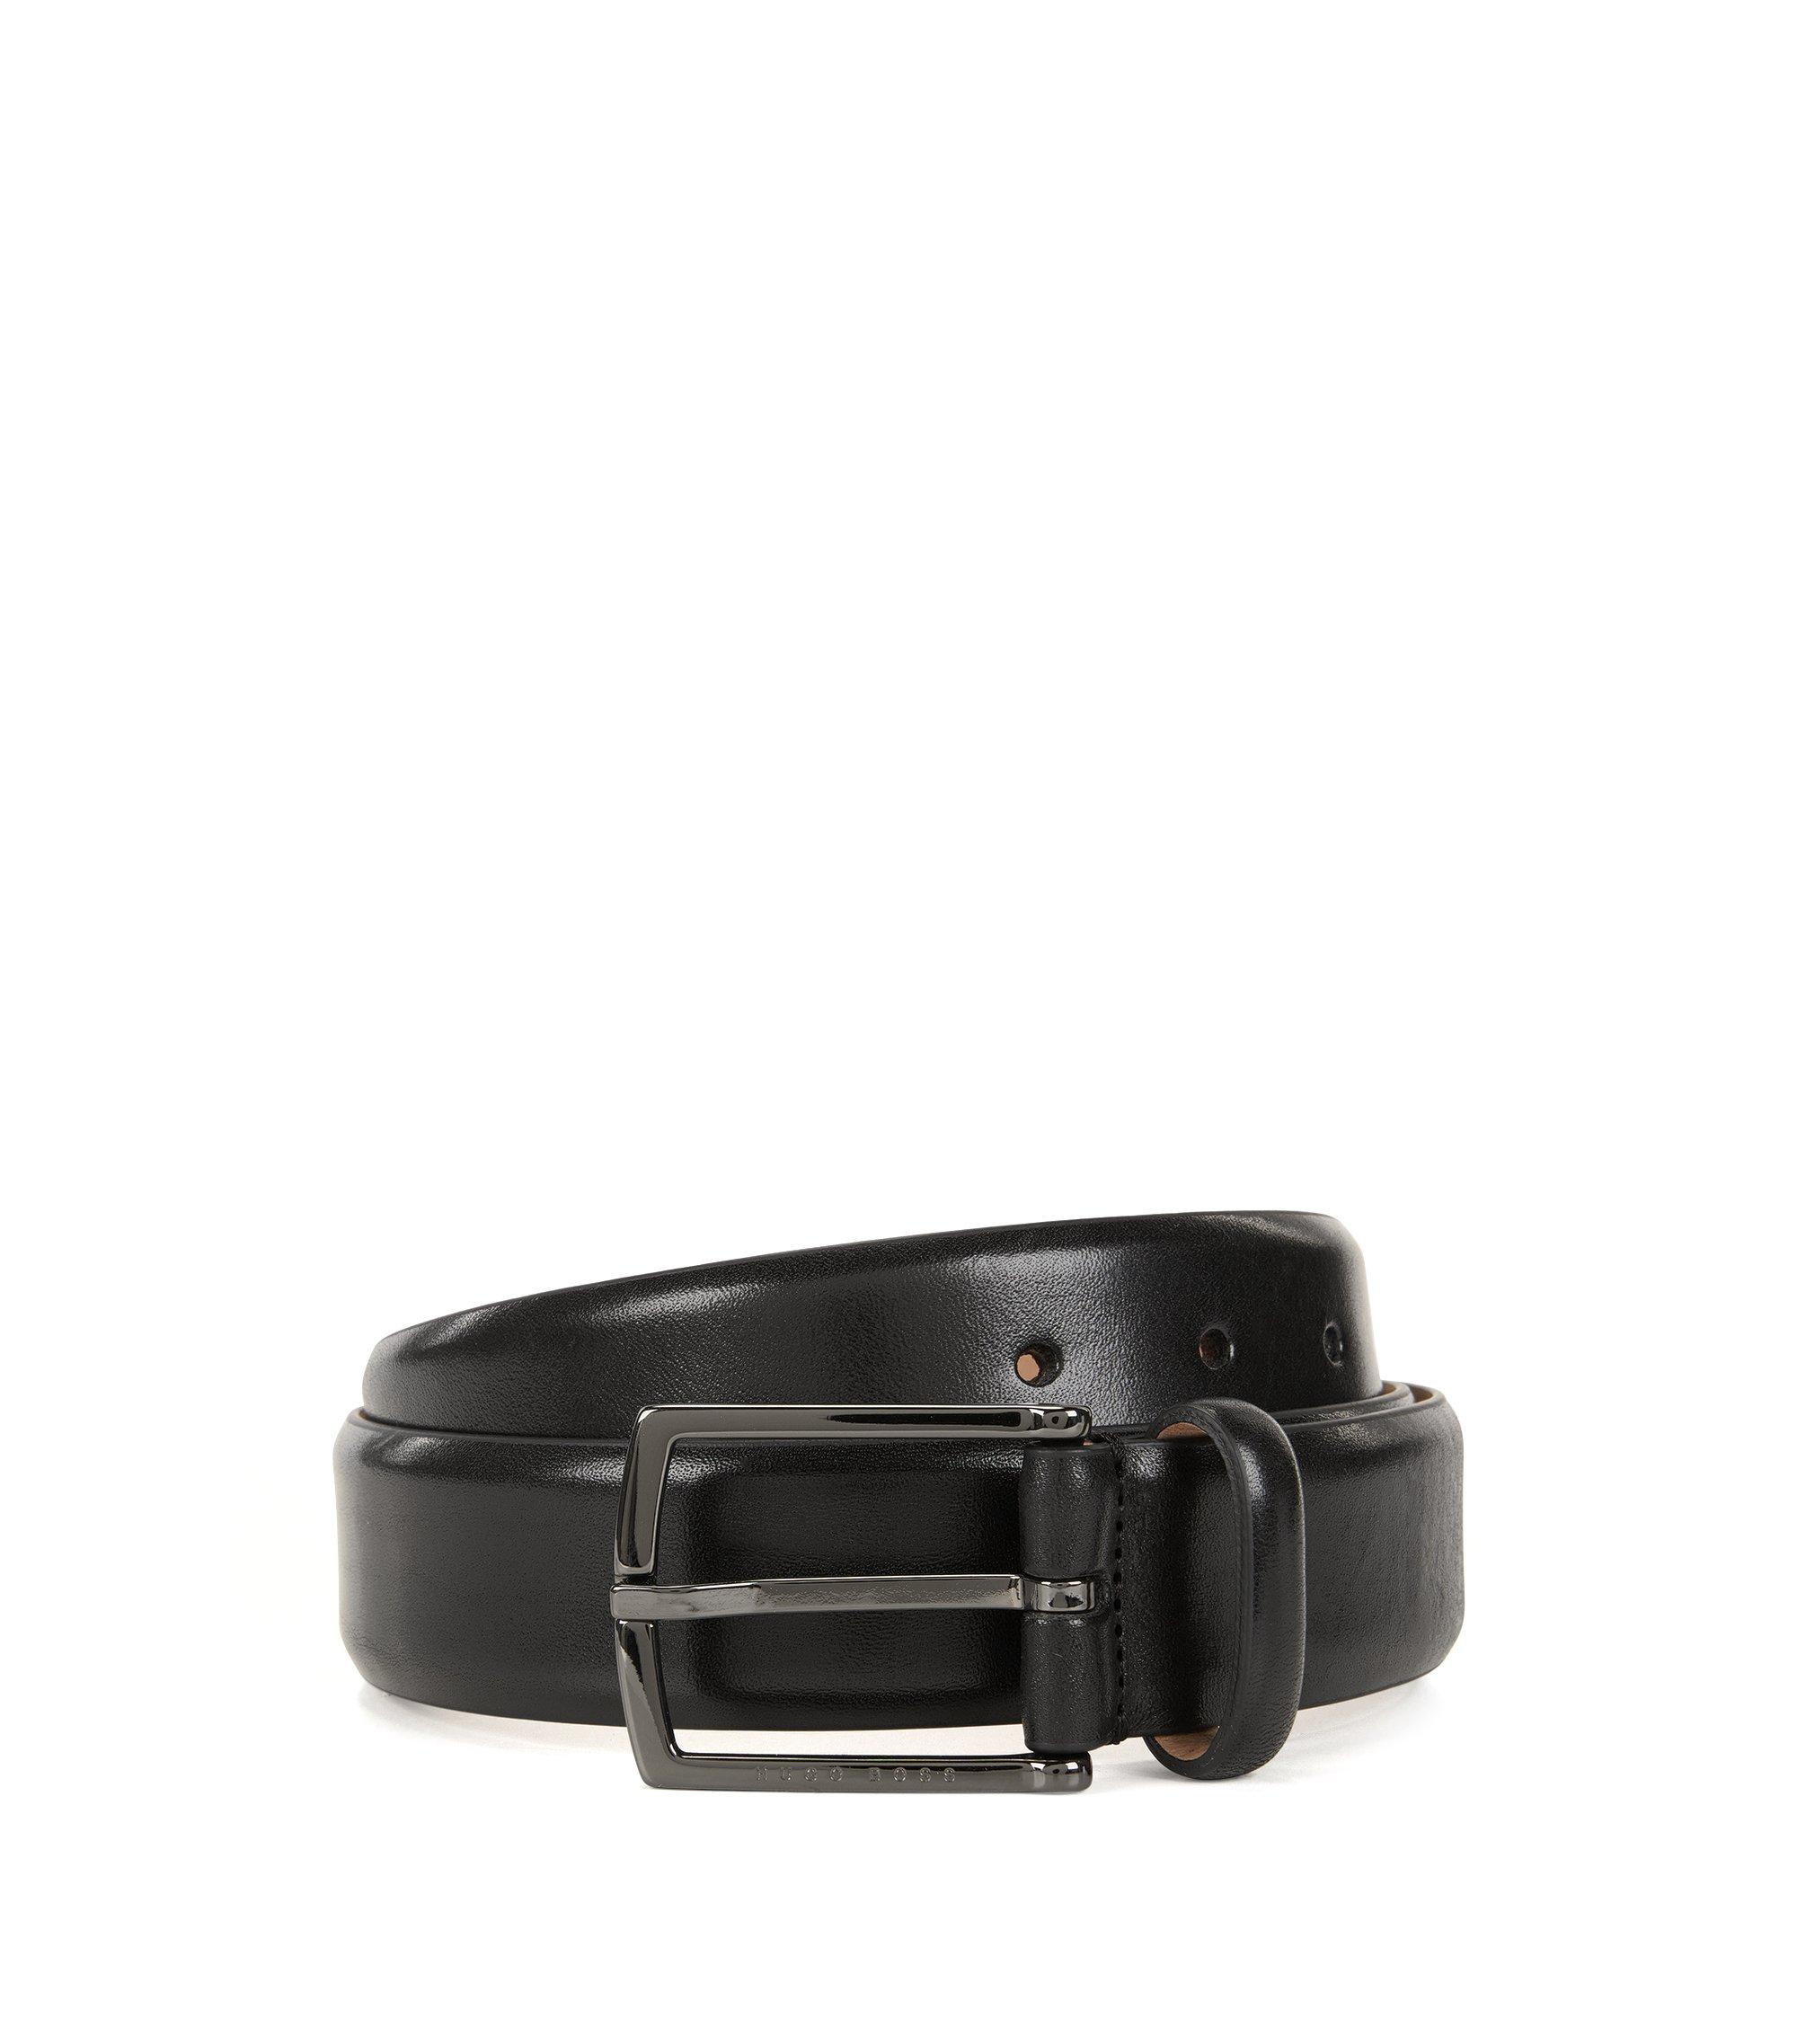 Gürtel aus pflanzlich gegerbtem Leder mit Rückseite aus Nubukleder, Schwarz